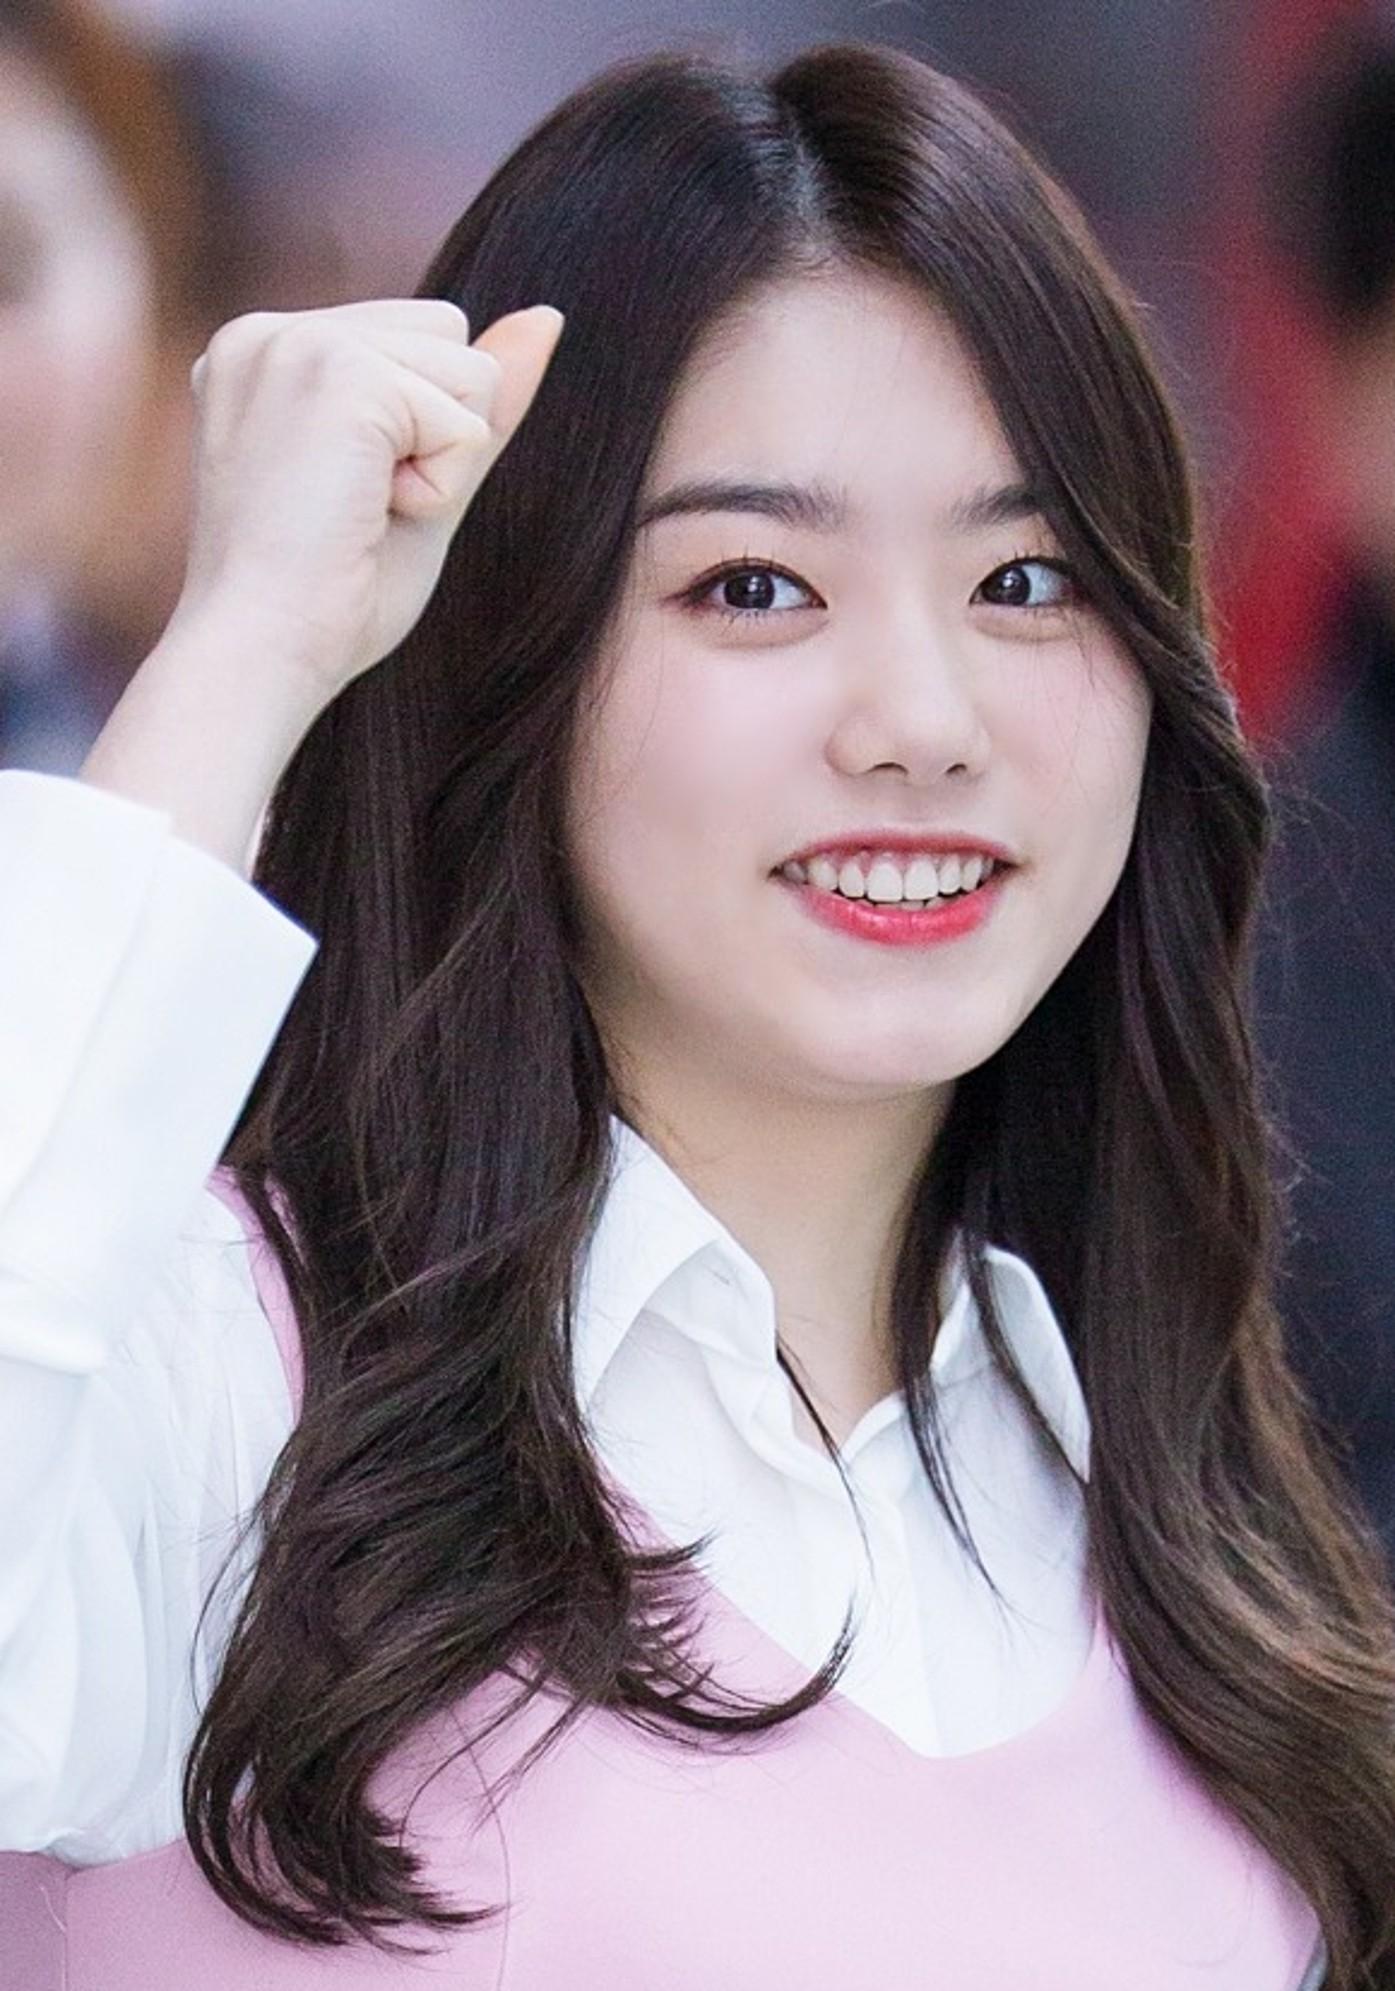 Show thực tế sản sinh ra dàn nữ thần Kpop thế hệ mới: Người tự nhiên, kẻ dao kéo nhưng ai cũng đẹp xuất thần - Ảnh 11.